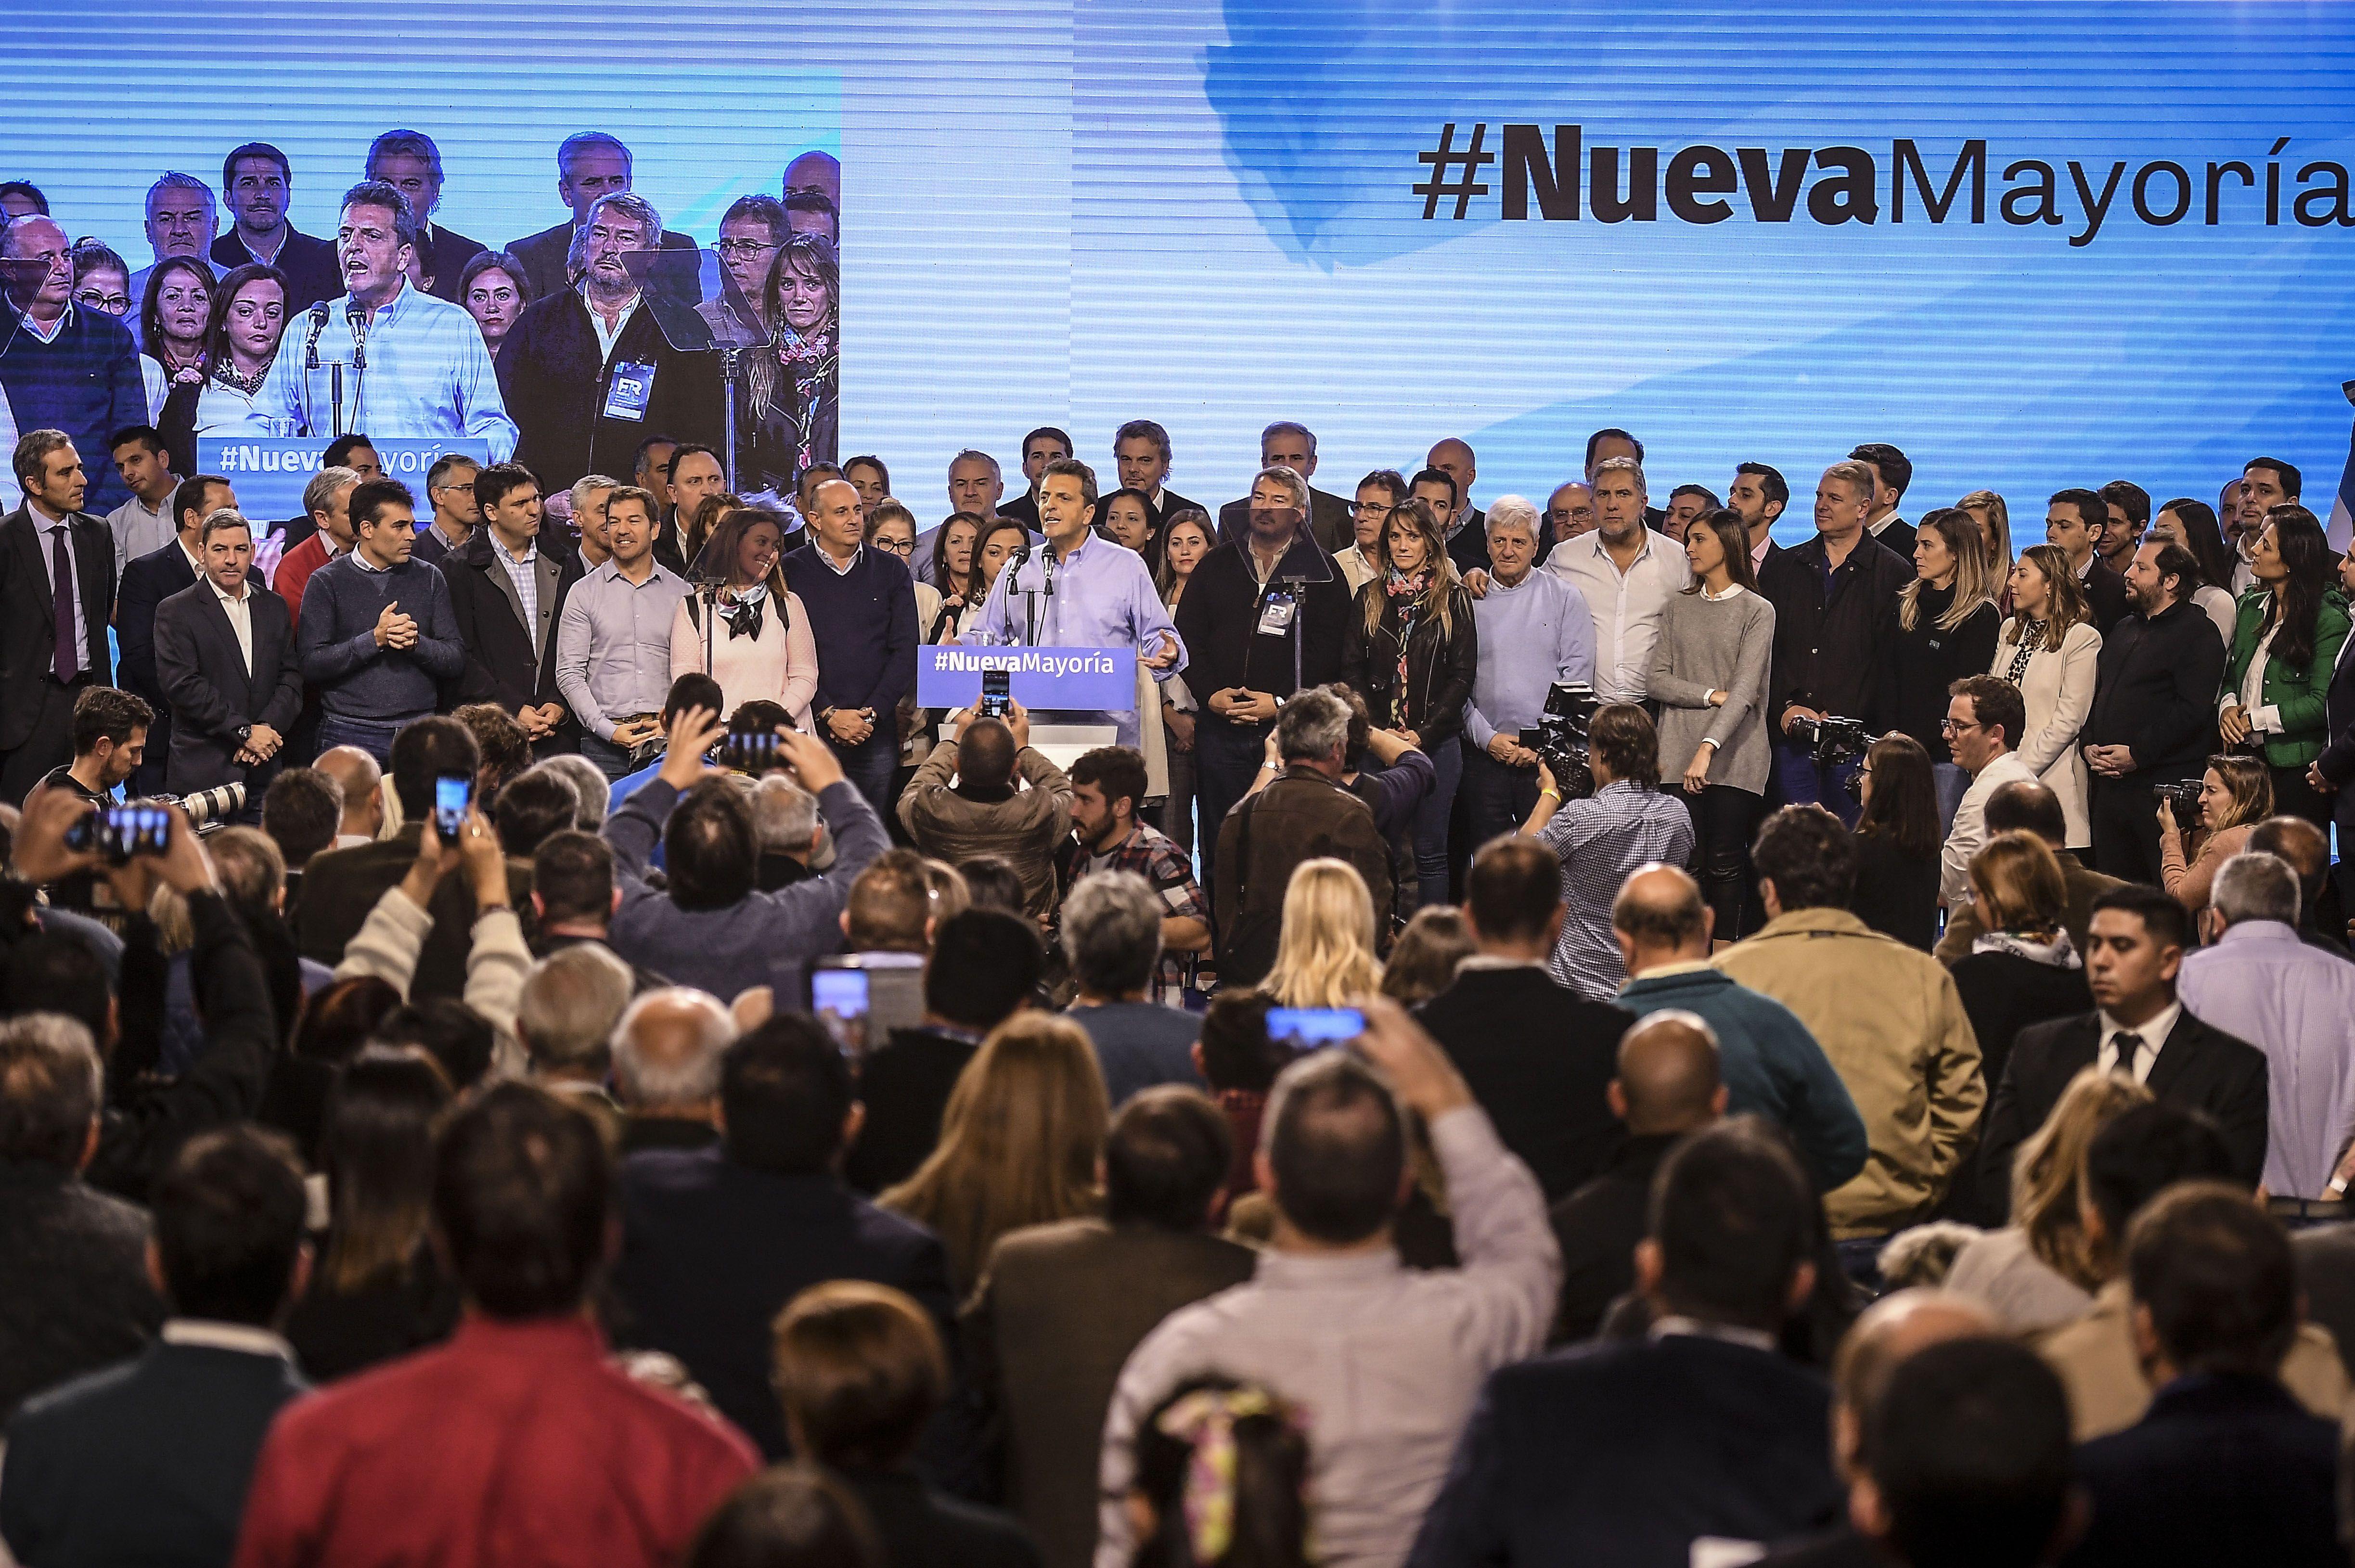 Macri máximo responsable de la crisis y coalición para ganarle: los ocho puntos del documento del massismo